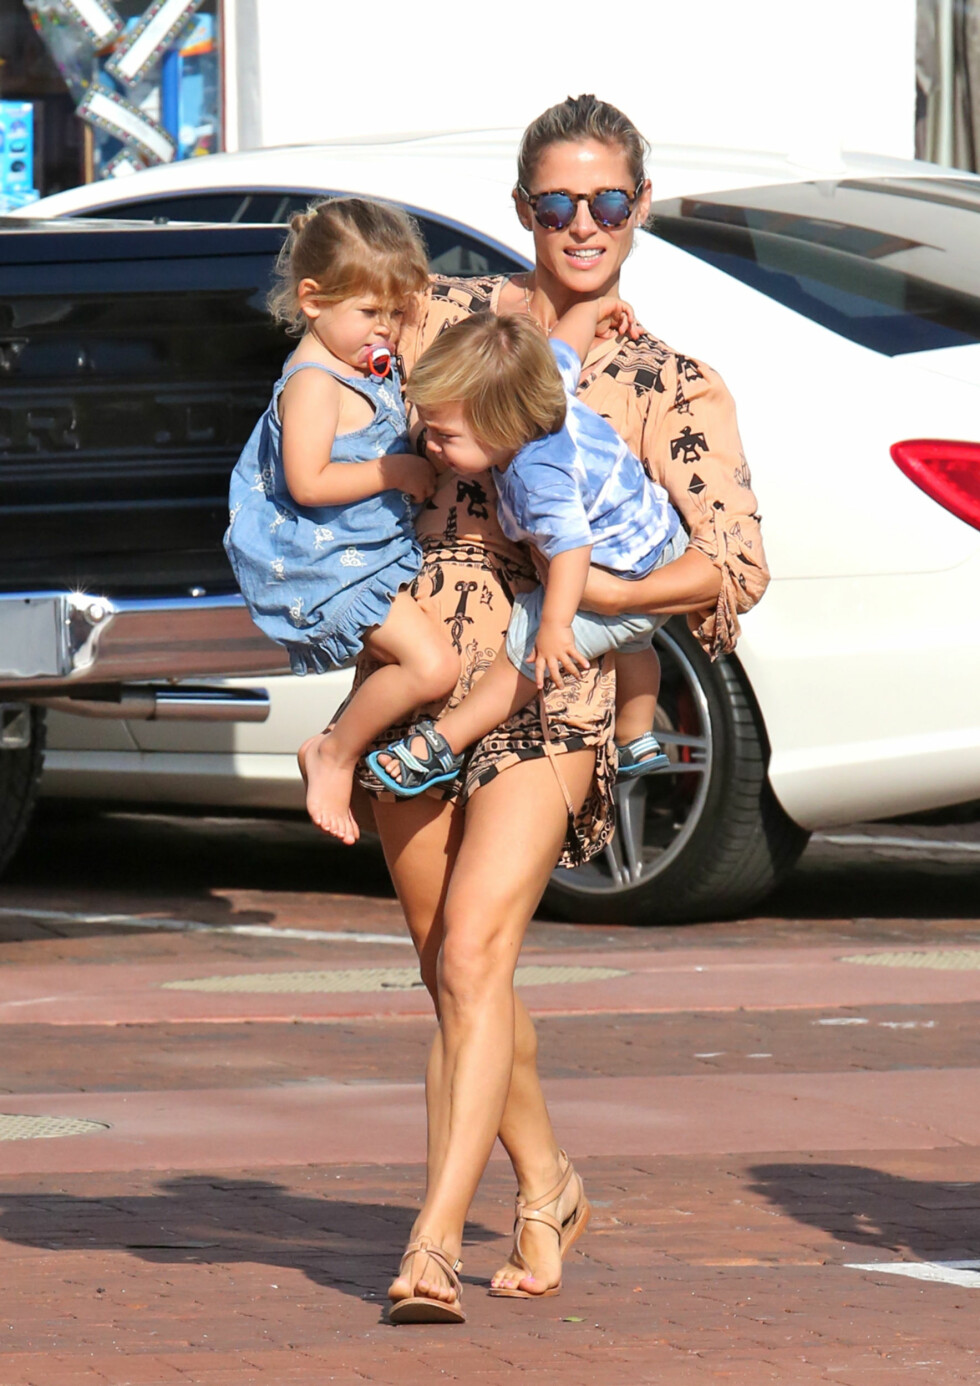 HENDENE FULLE: Elsa Pataky med datteren India og en av tvillingsønnene på armen i en park i Malibu i Los Angeles tidligere i år. Foto: Splash News